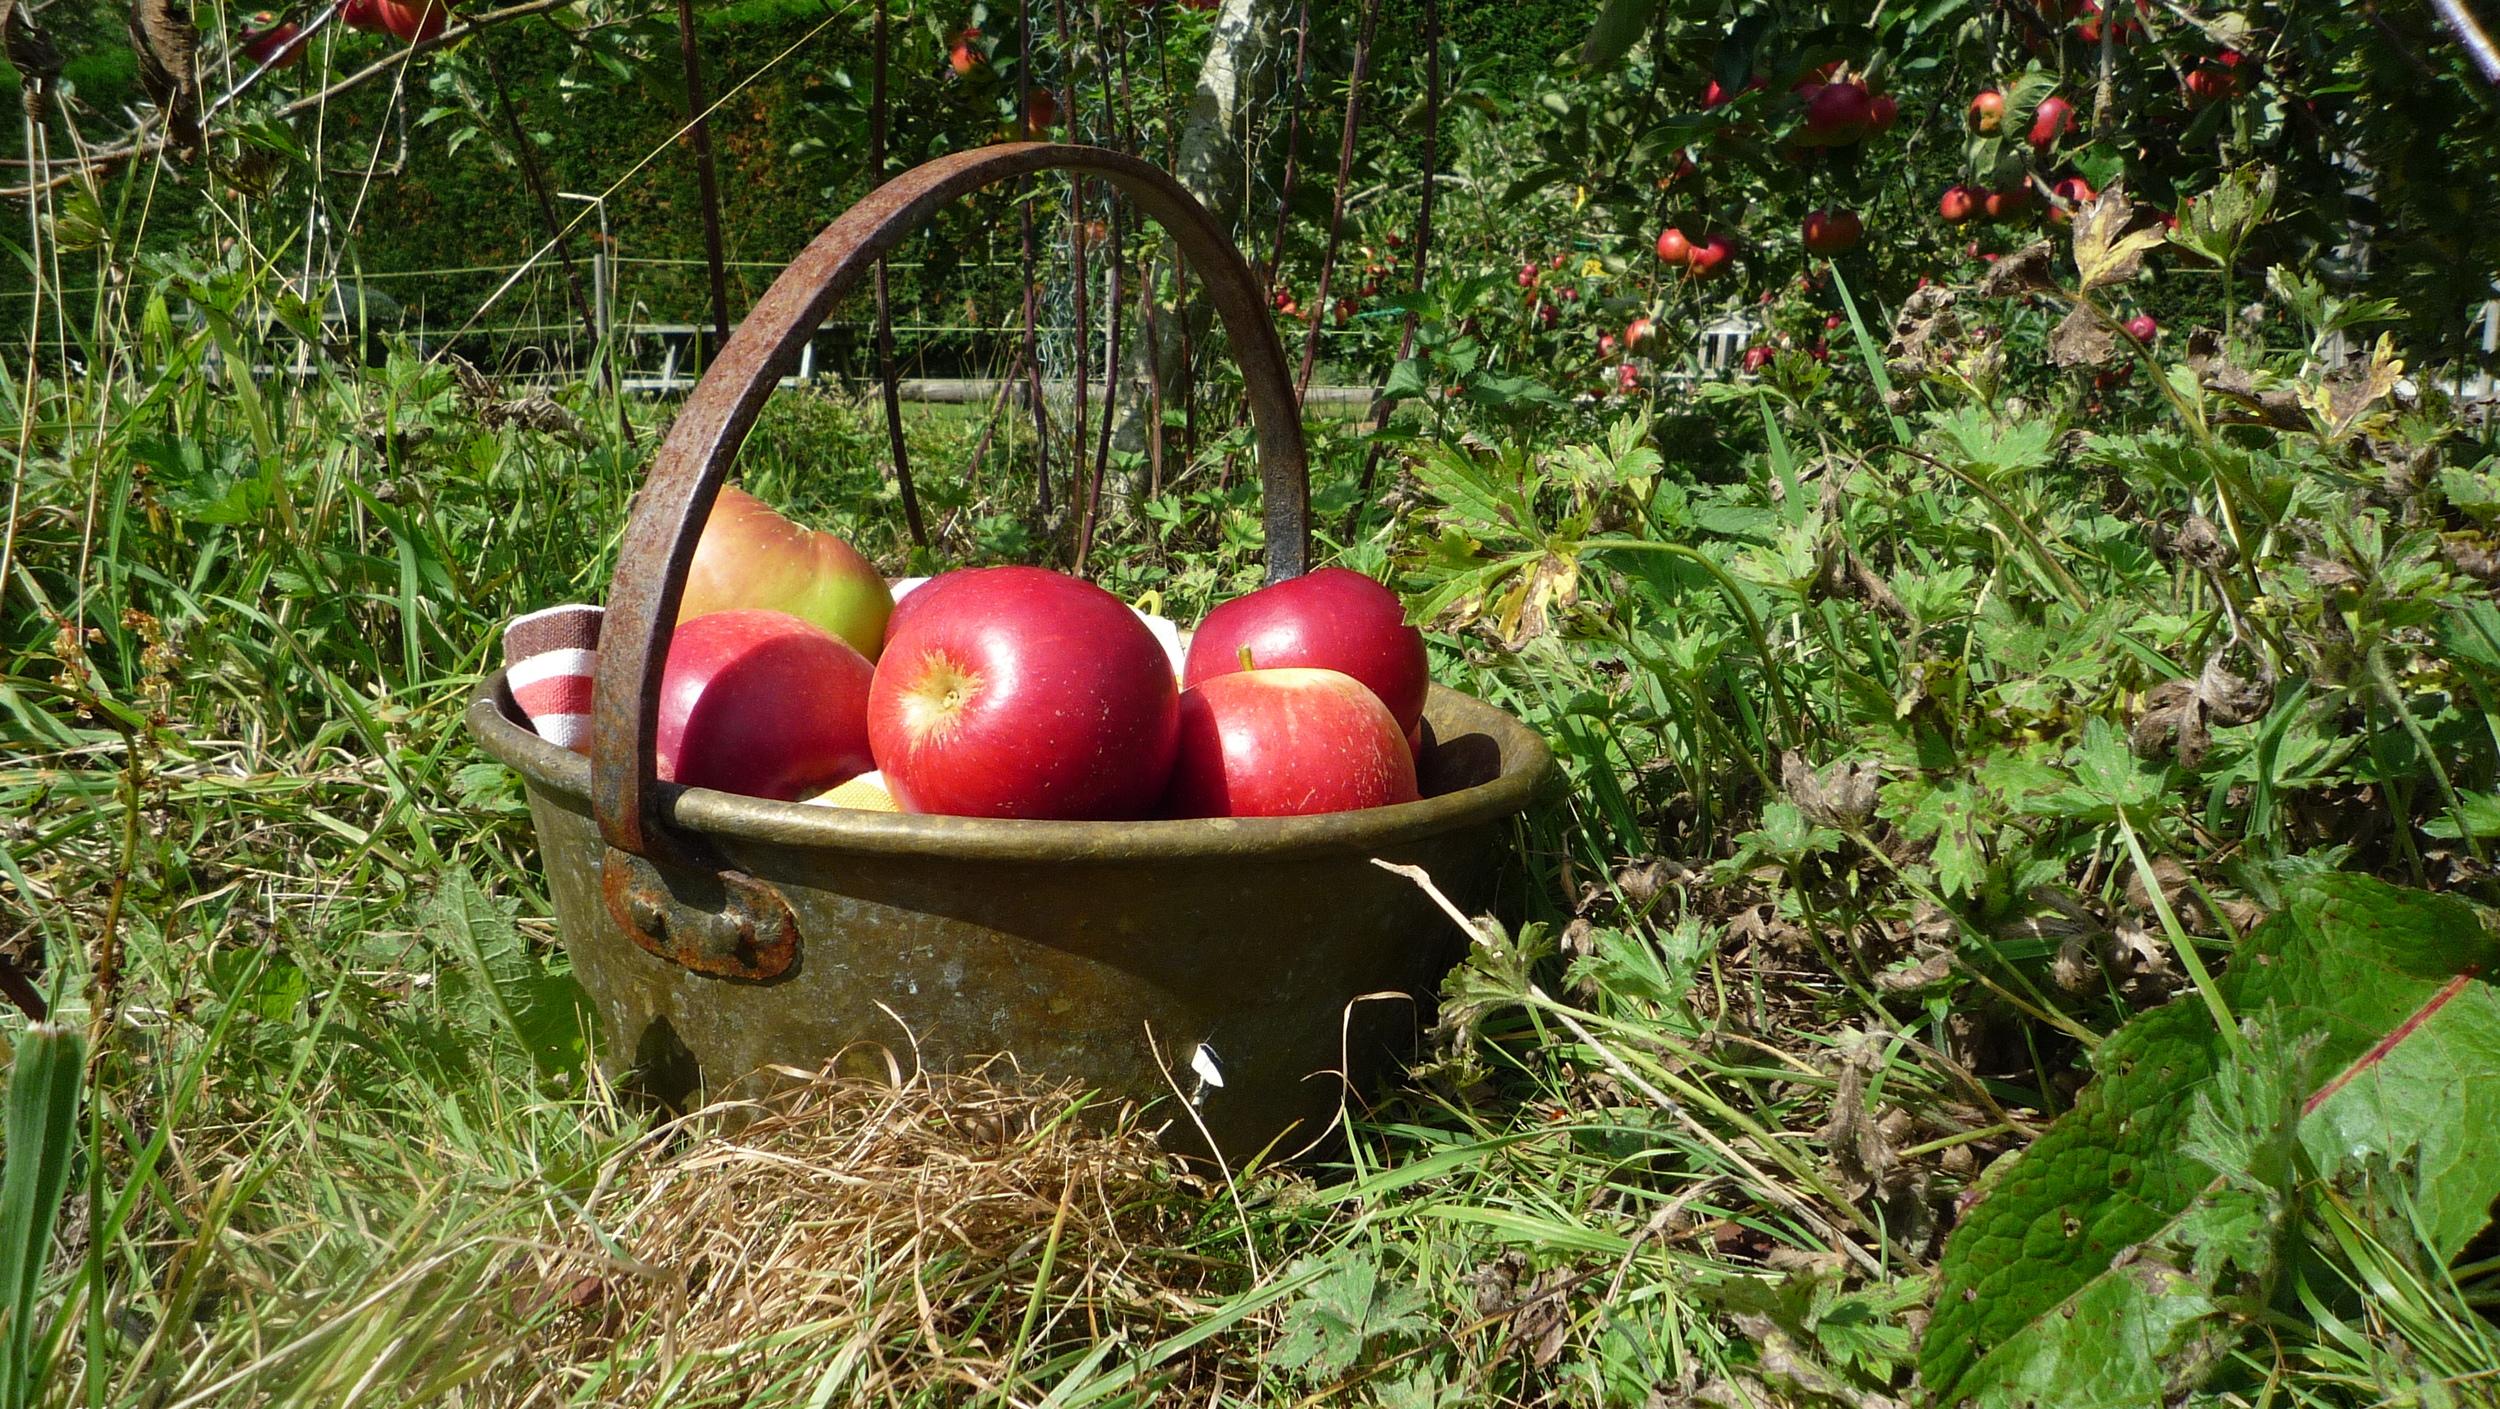 red apples in basket.JPG